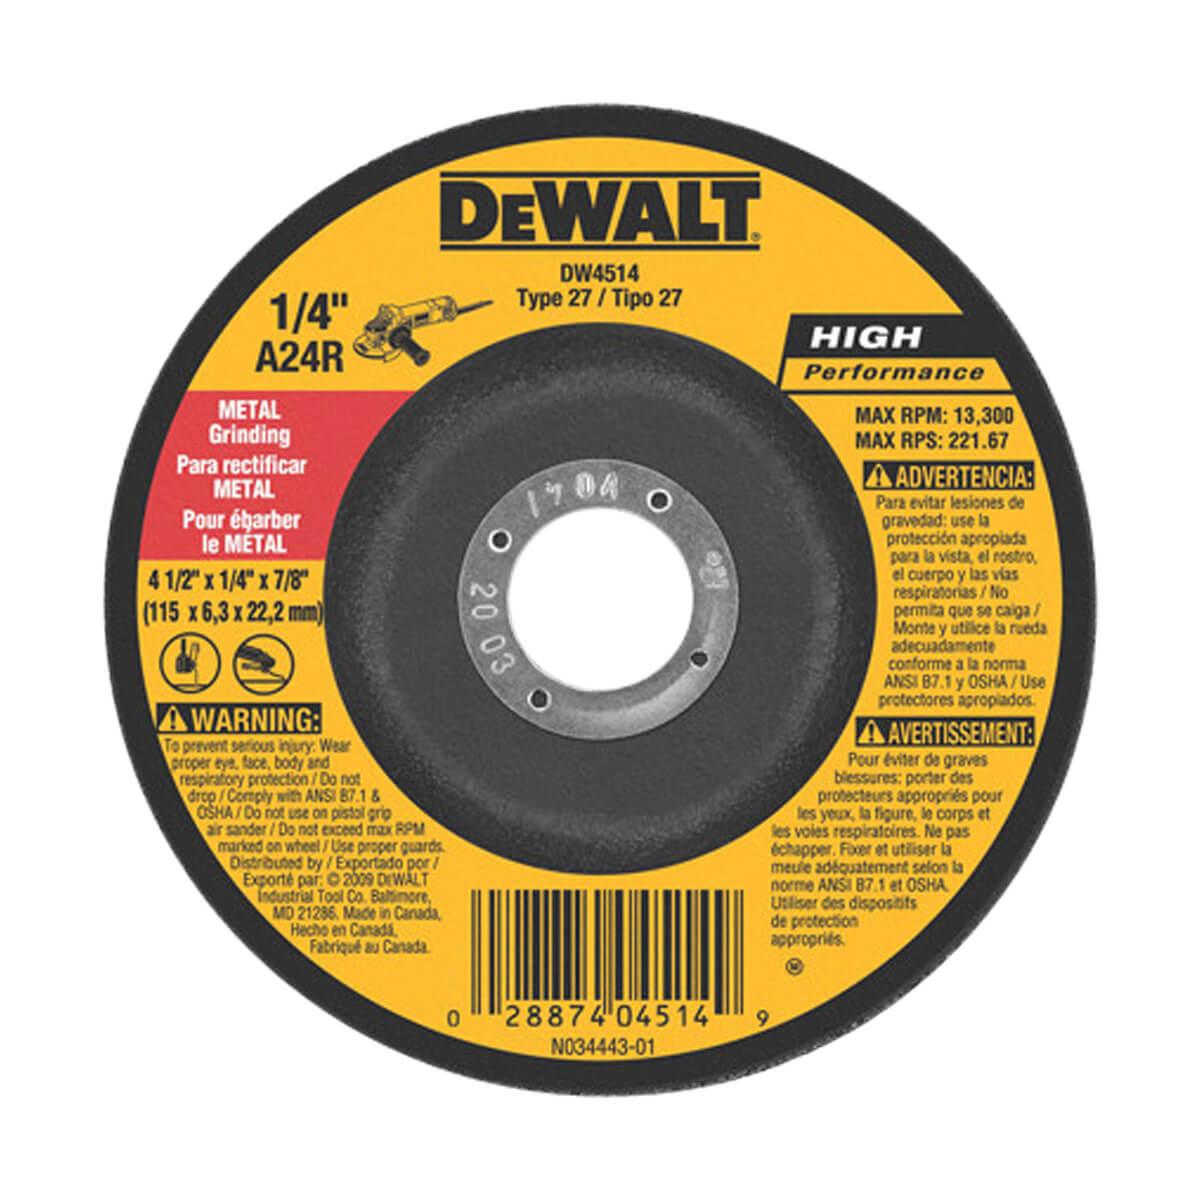 """DEWALT General Purpose Metal Grinding Wheel - 7"""" x 1/4"""" x 7/8"""""""